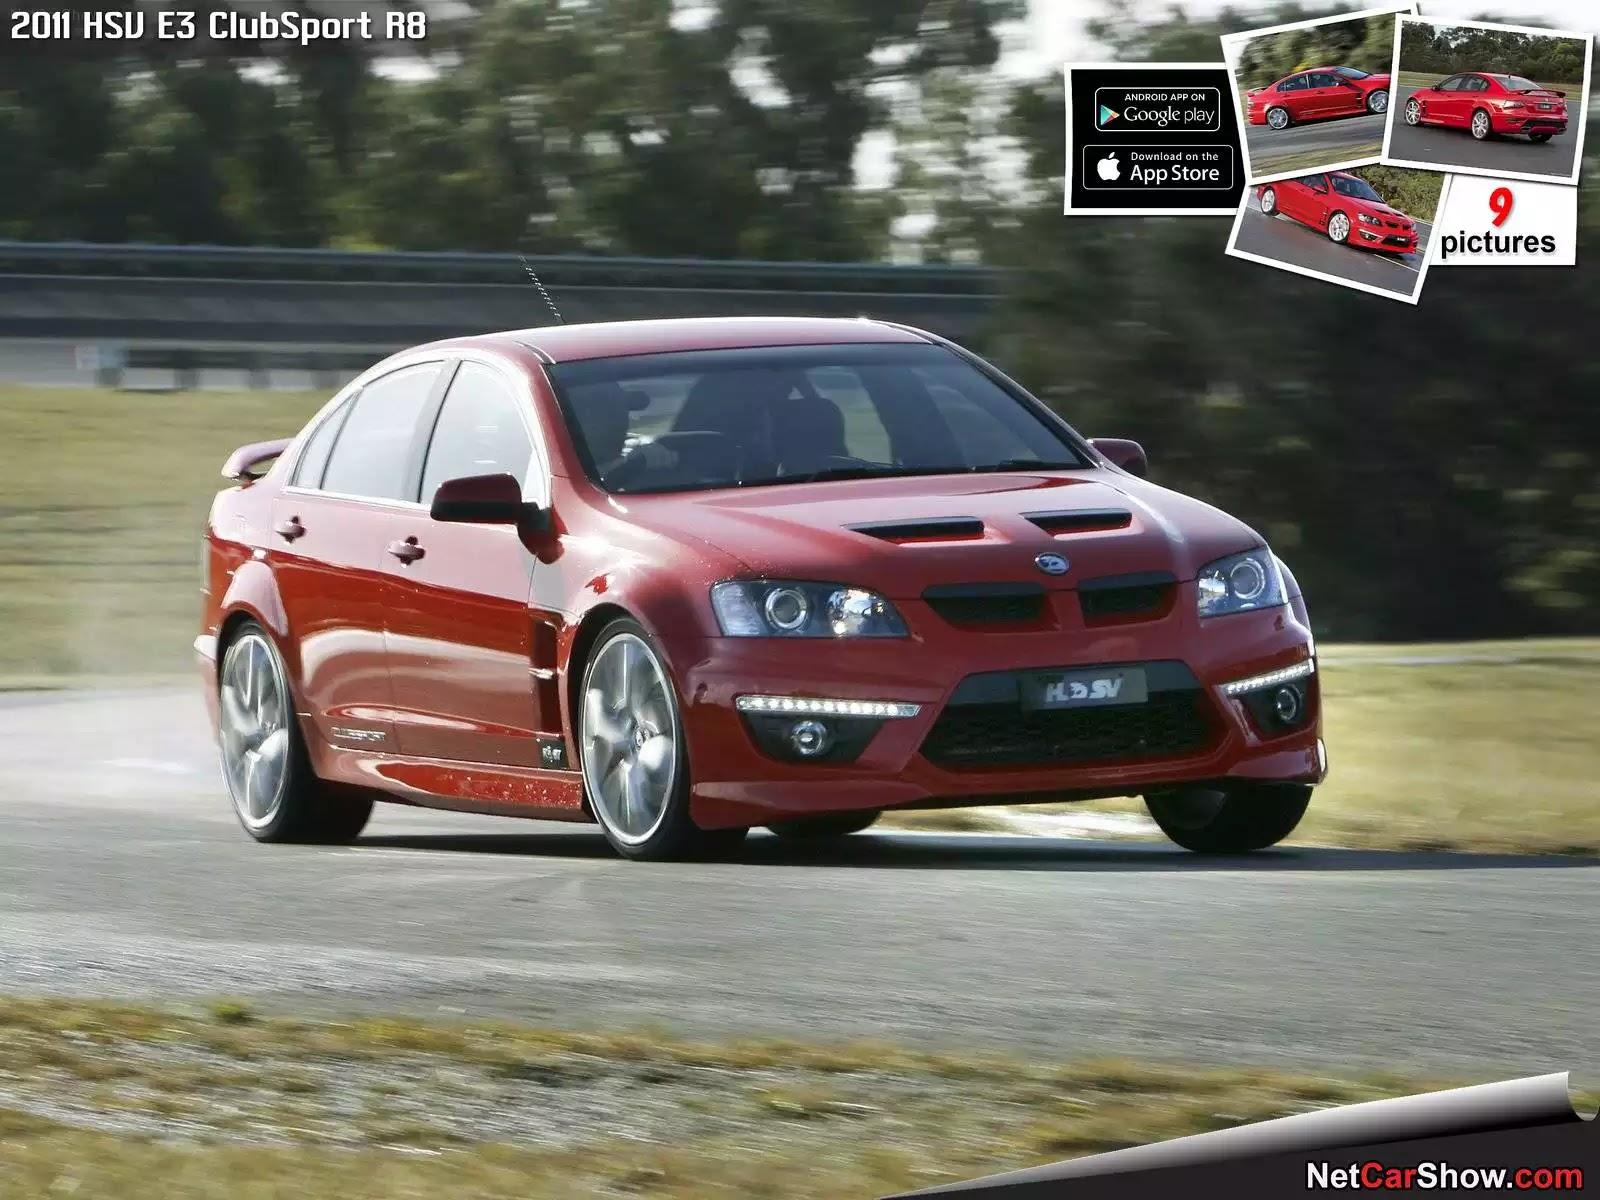 Hình ảnh xe ô tô HSV E3 ClubSport R8 2011 & nội ngoại thất